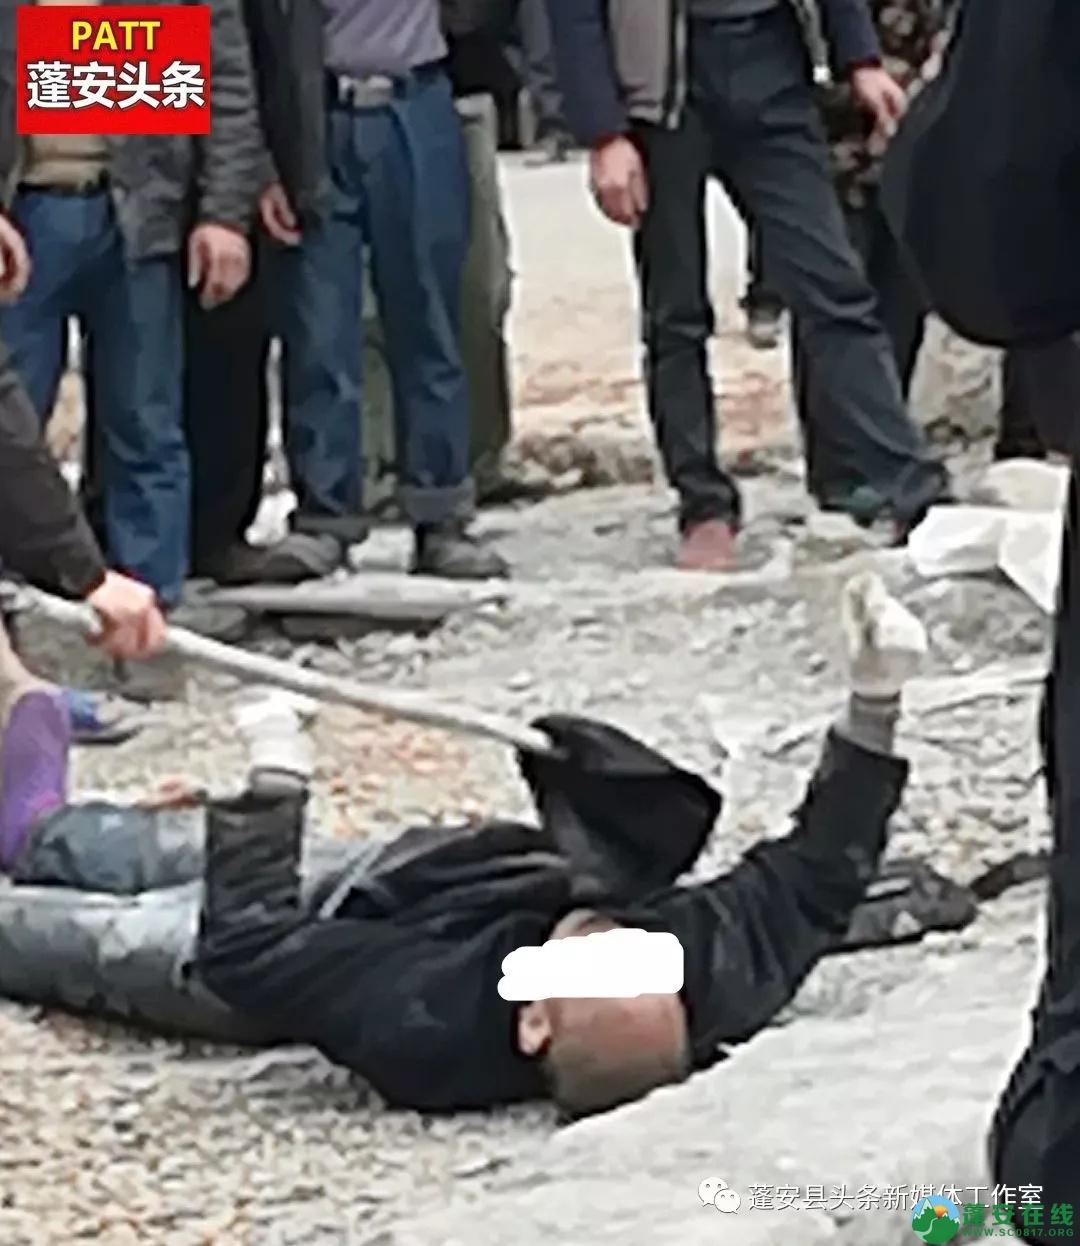 2019年3月3日蓬安石孔乡姚家沟村一男子死在水泥搅拌机上面 - 第3张  | 蓬安在线